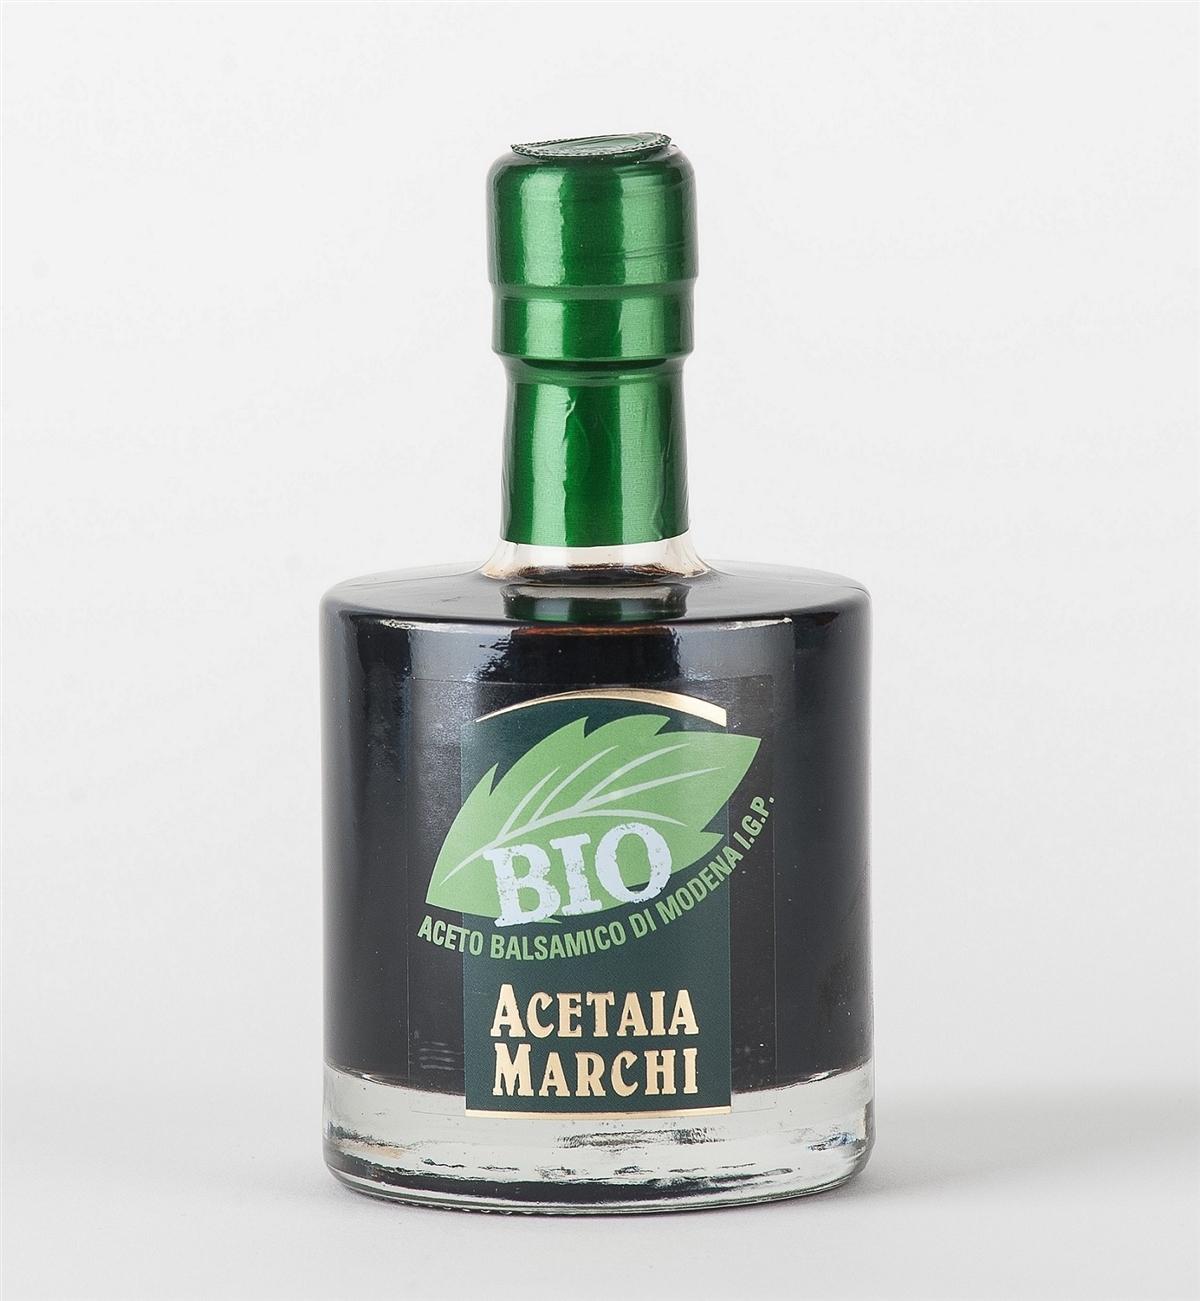 Aceto Balsamico di Modena IGP Sigillo BRONZO etichetta verde - bottiglia da 250ml